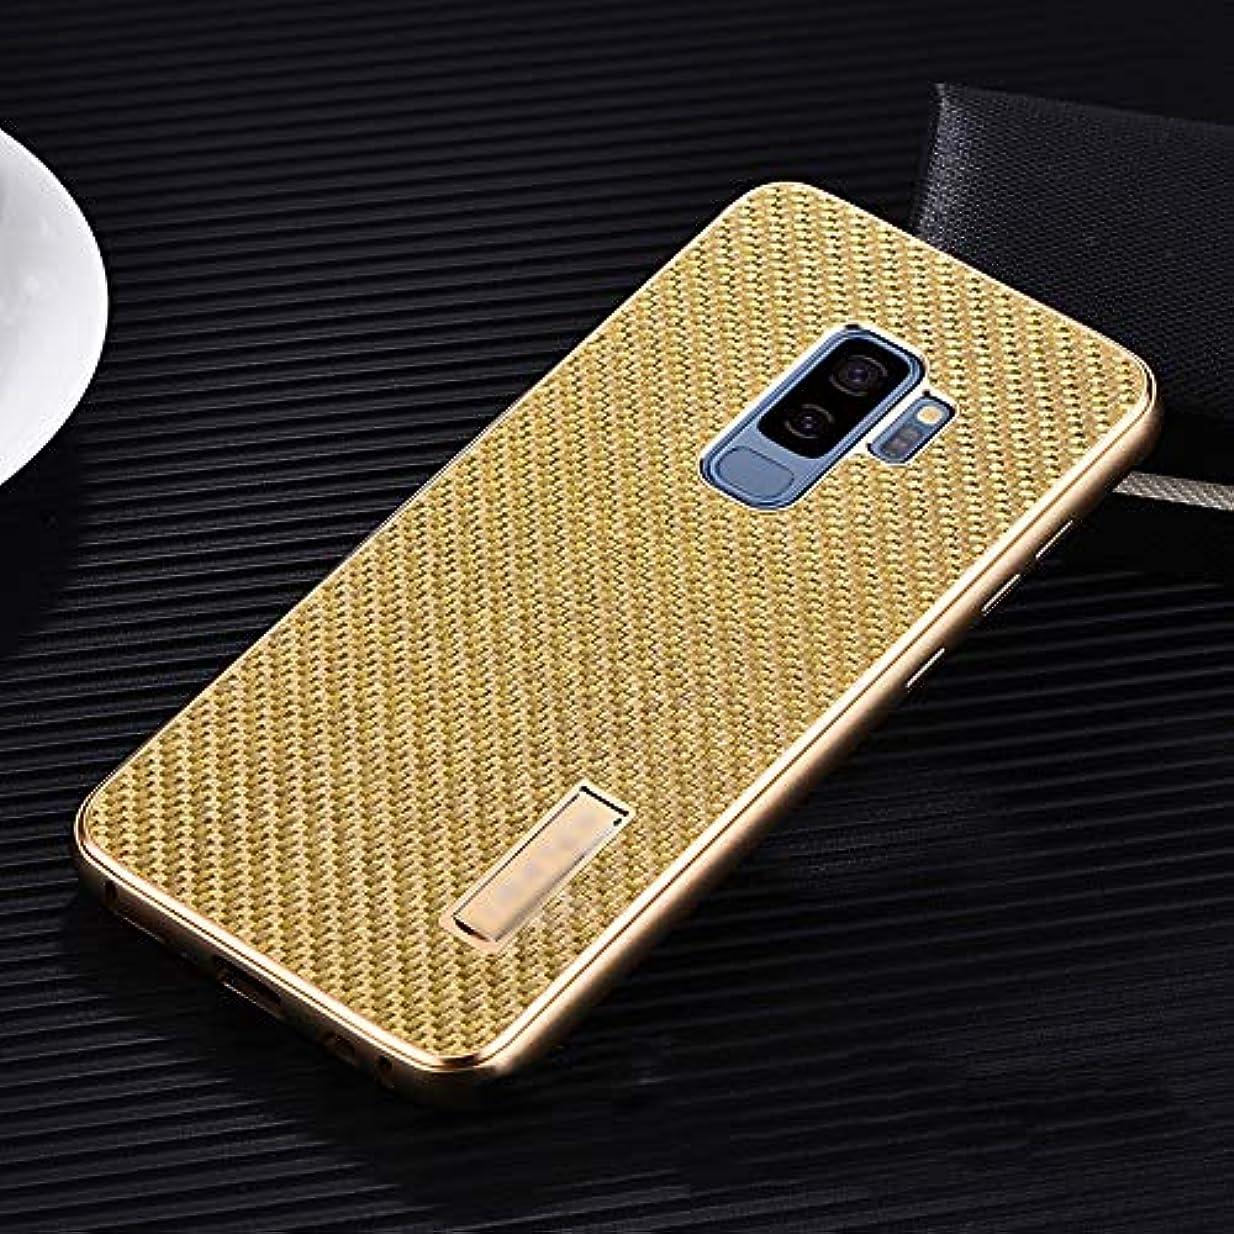 初期の特定の肉屋Tonglilili 電話ケース、サムスンS9プラス、S9、Note9、S8 Pluls、S8、S7のための包括的な反落下保護カバー新しい電話ケース (Color : ゴールド, Edition : S9 Plus)